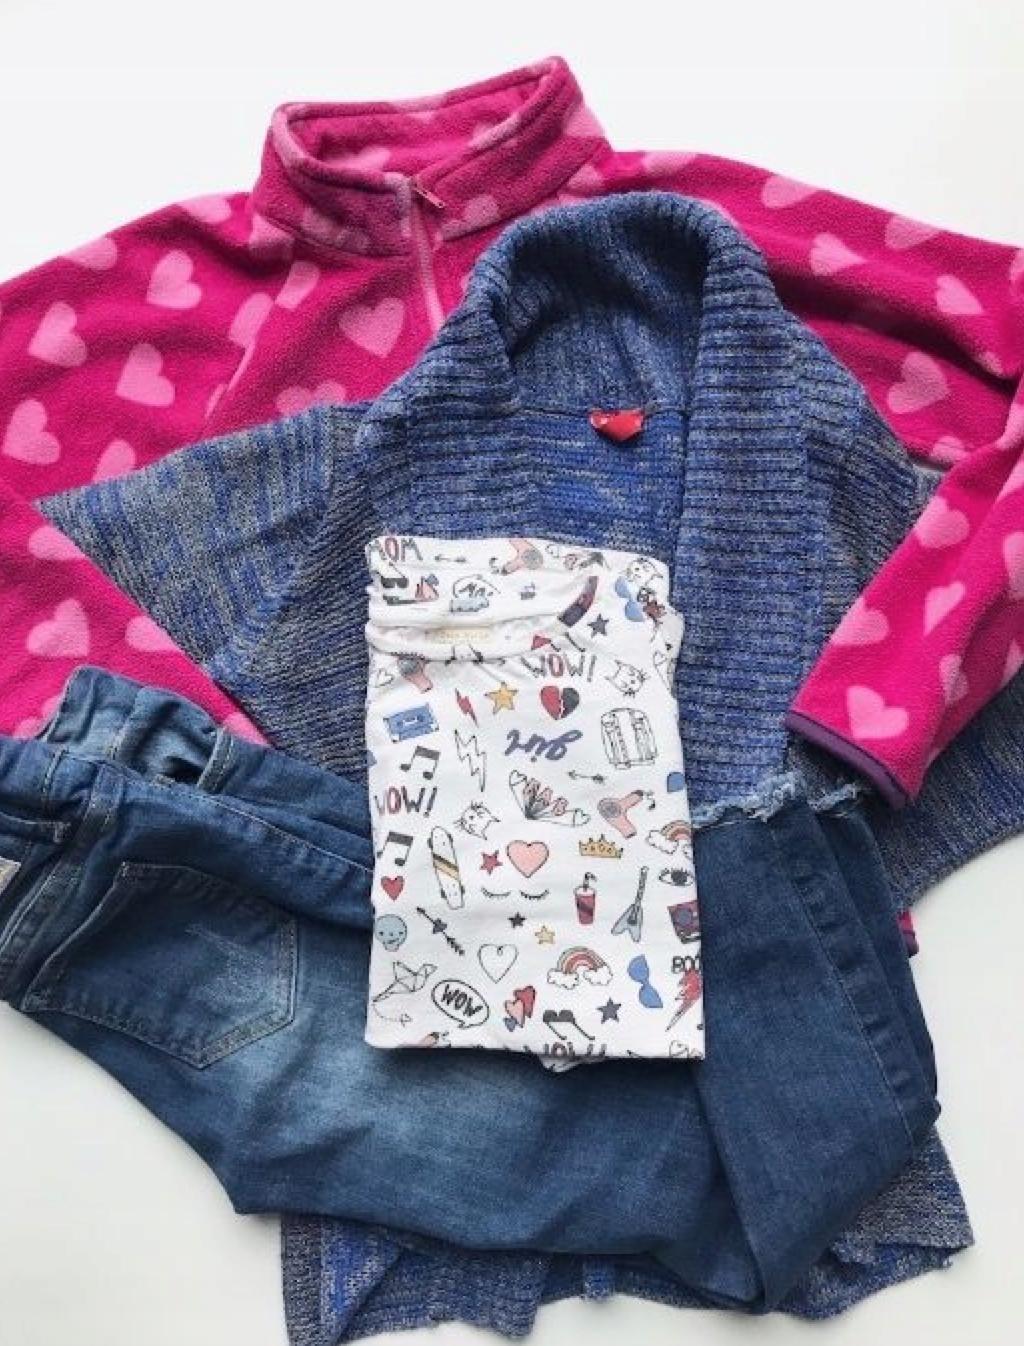 Zestaw 7-8 lat, Zara, kardigan, jeansy z dziurami